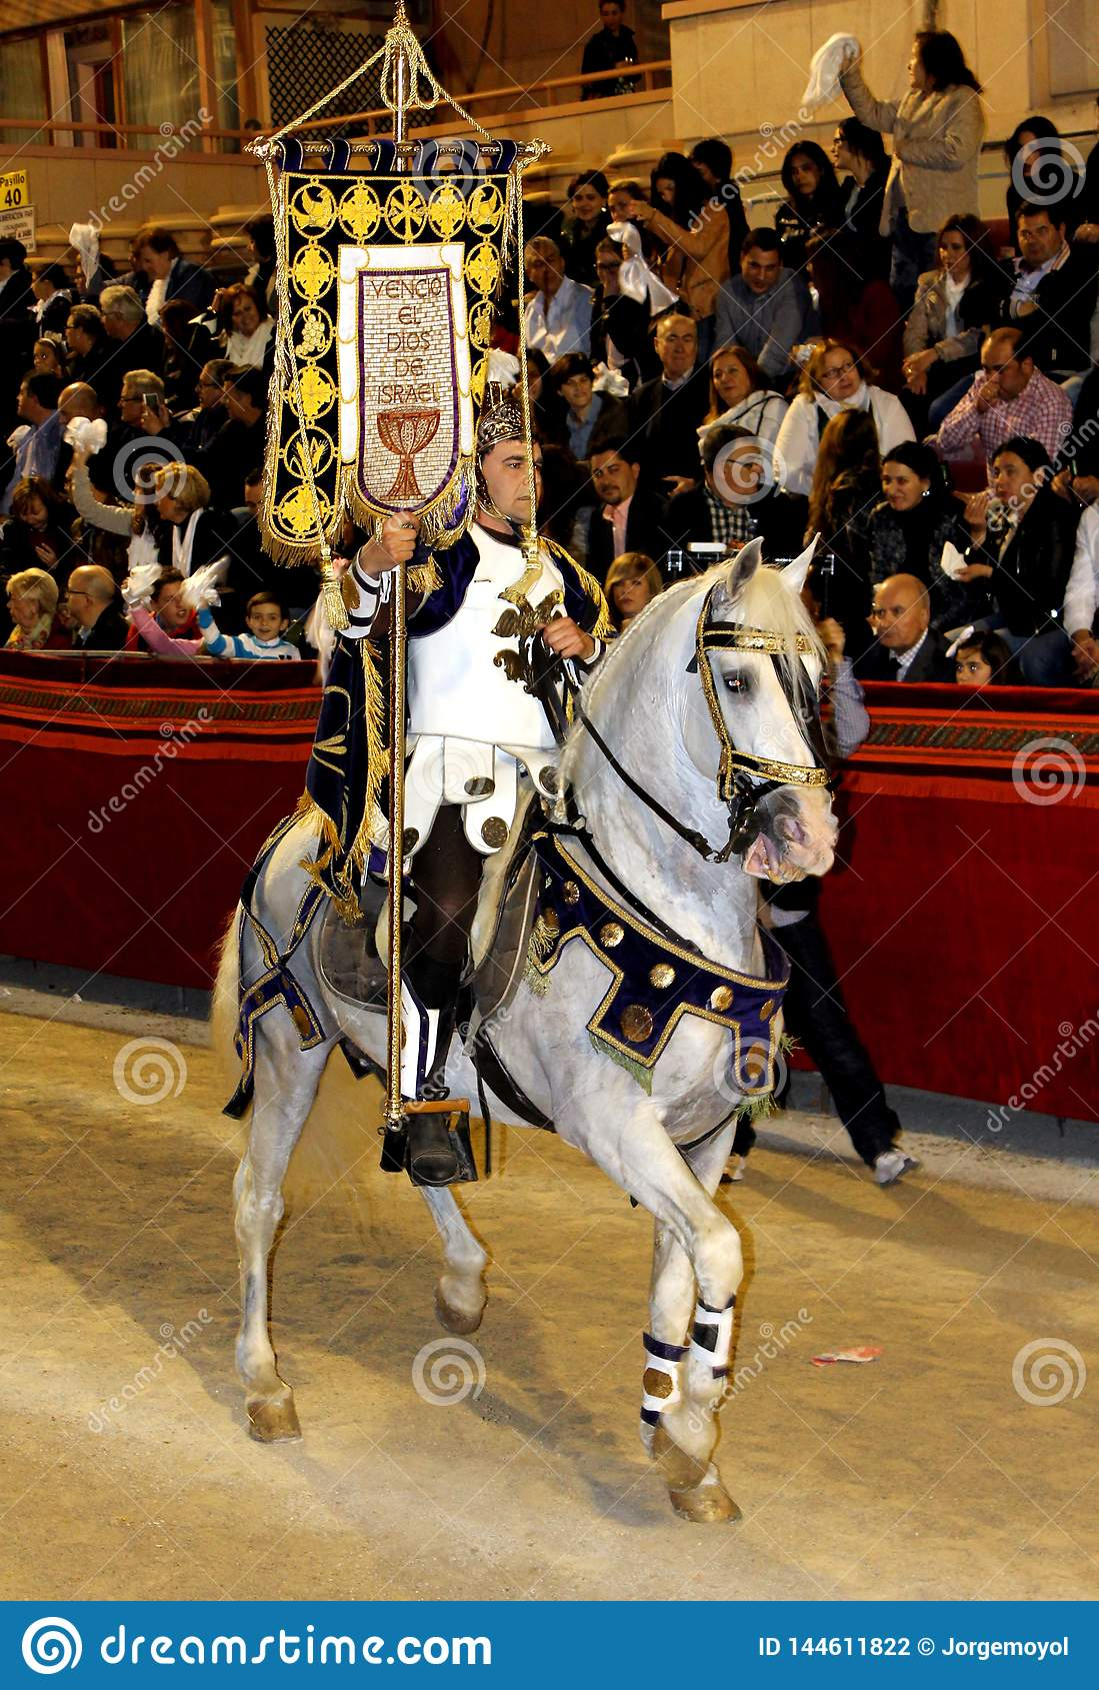 Ο ιππέας έντυσε όπως έναν παλαιό ρωμαϊκό στρατιώτη λεγεωναρίων που οδηγά ένα όμορφο άσπρο άλογο